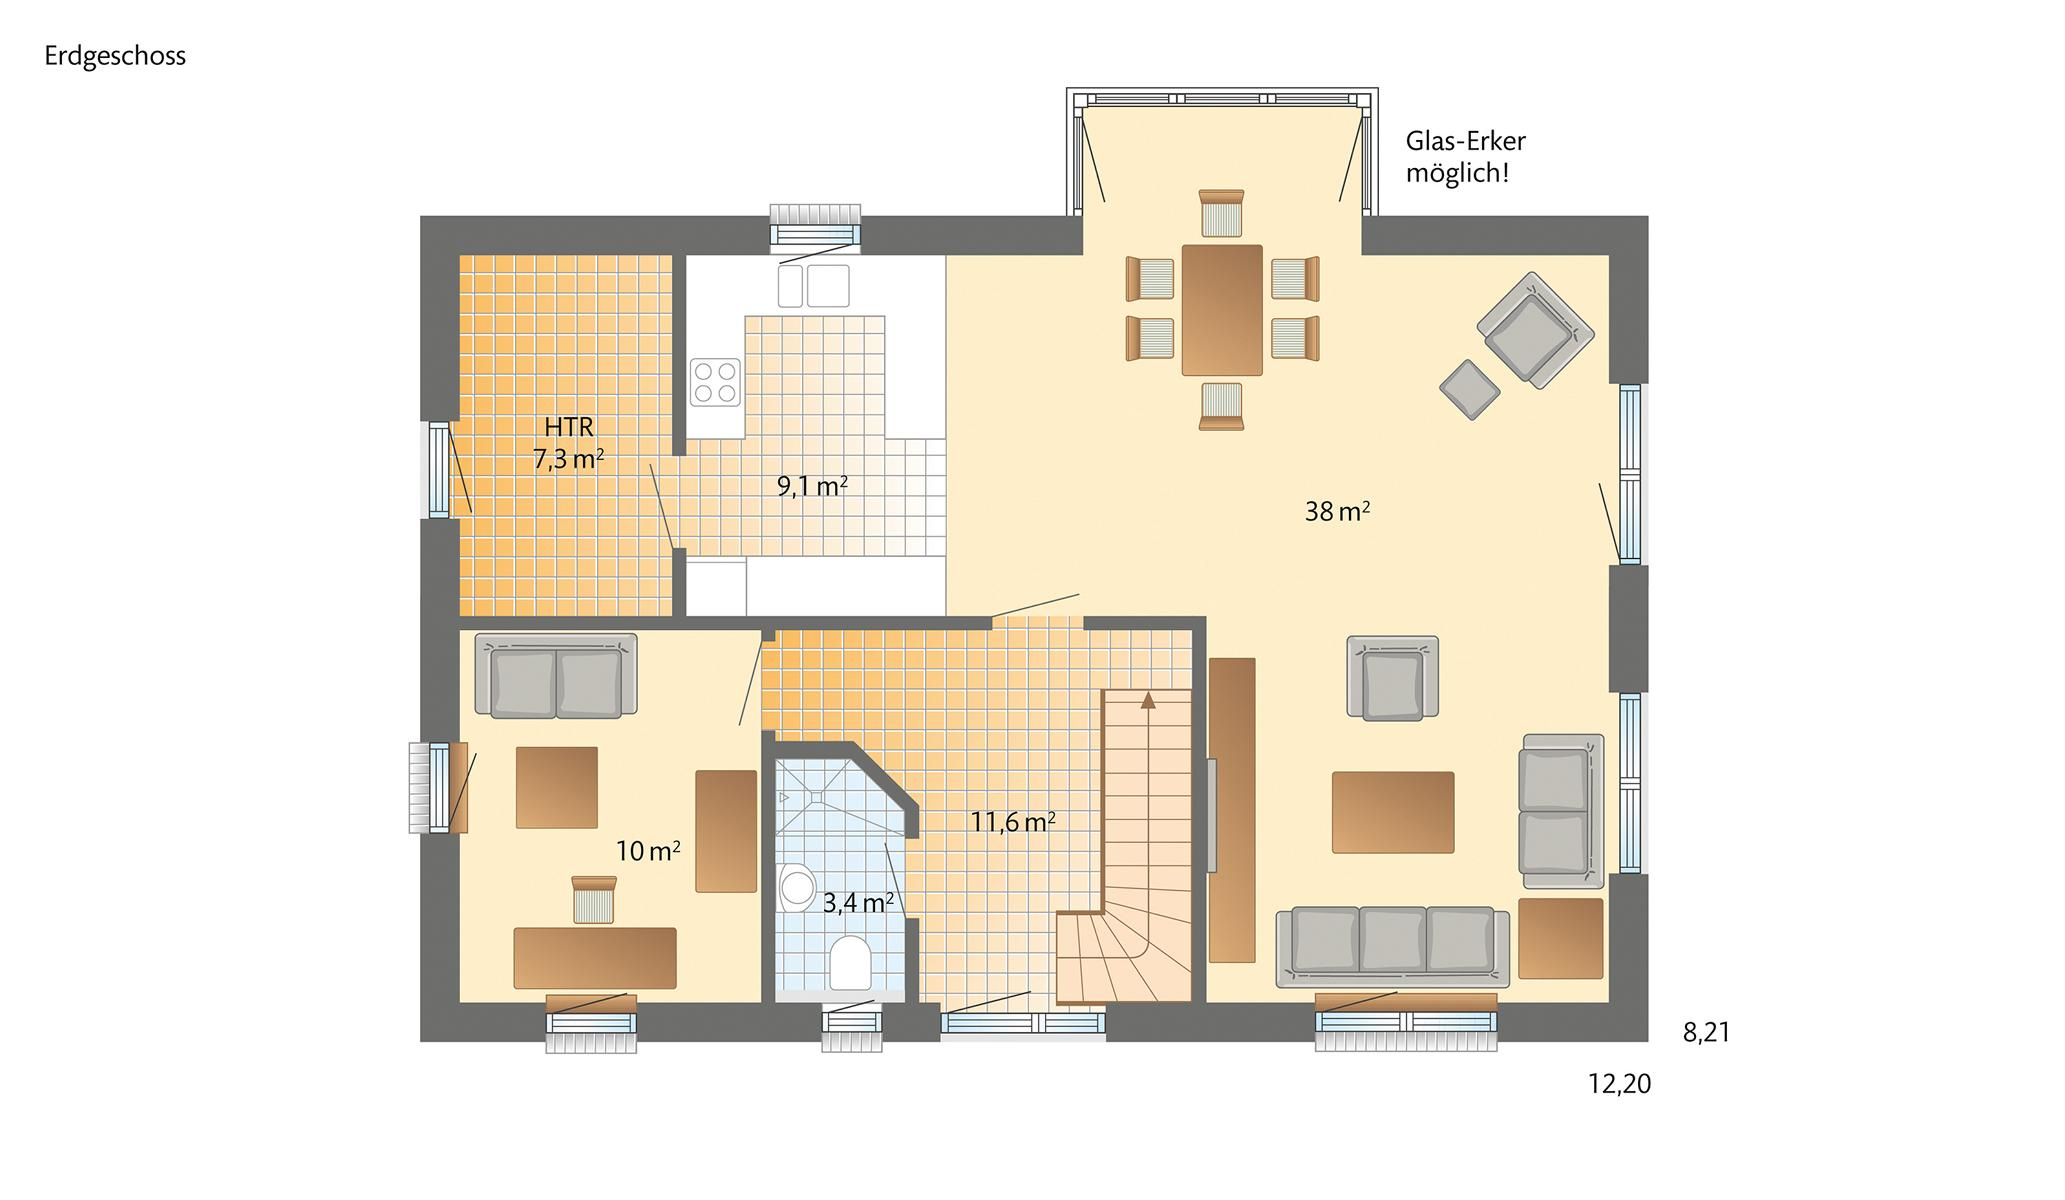 Danhaus - Das 1Liter-Haus! in Mülheim-Kärlich